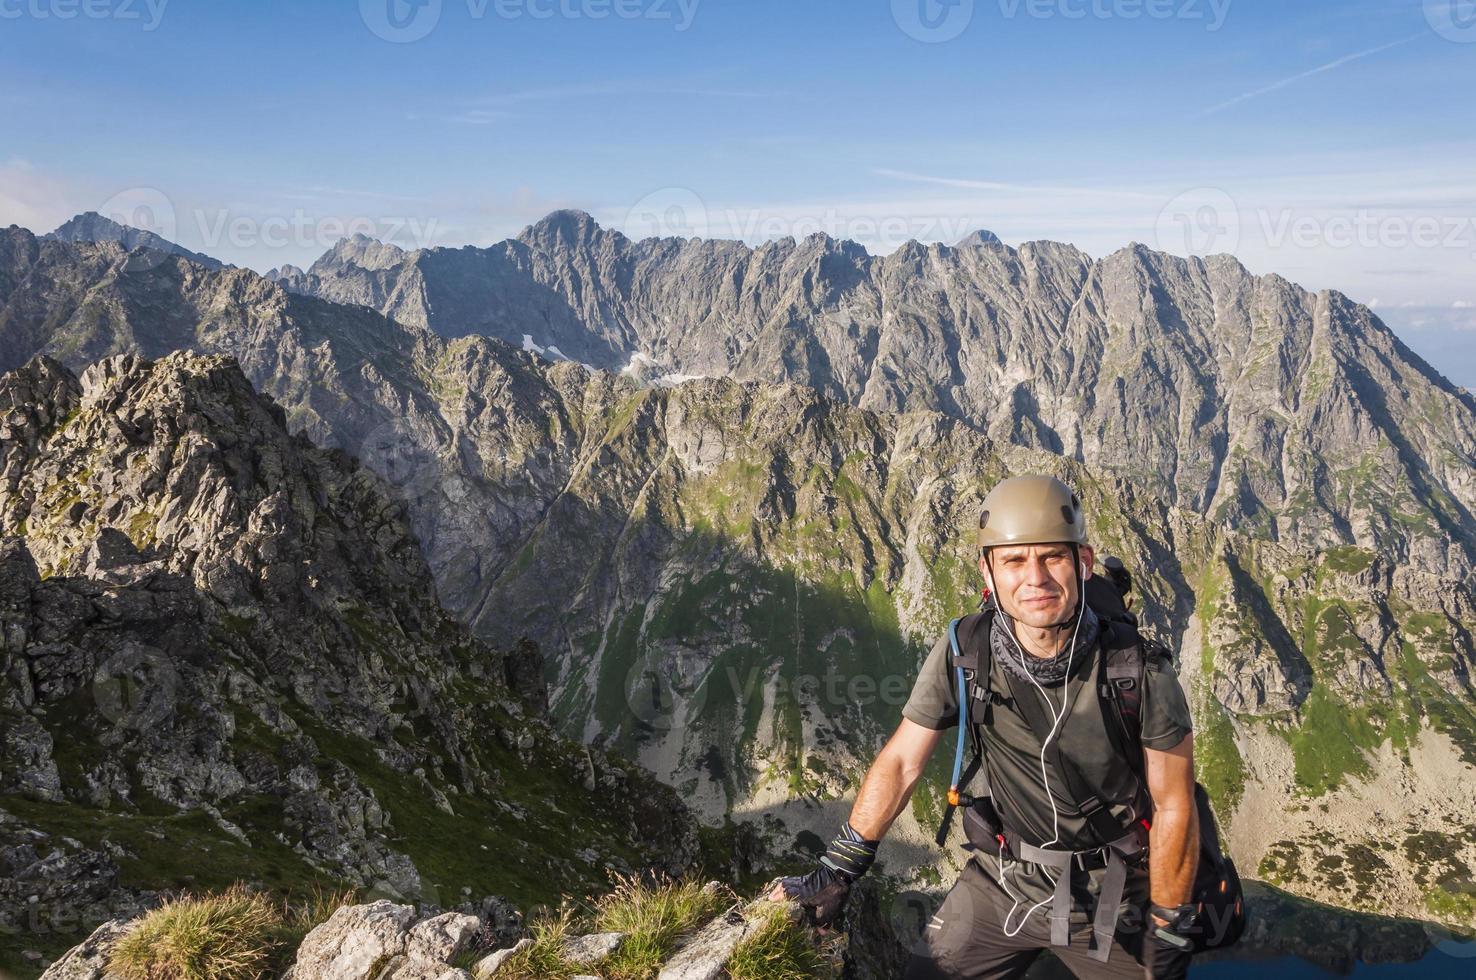 excursionista en casco foto